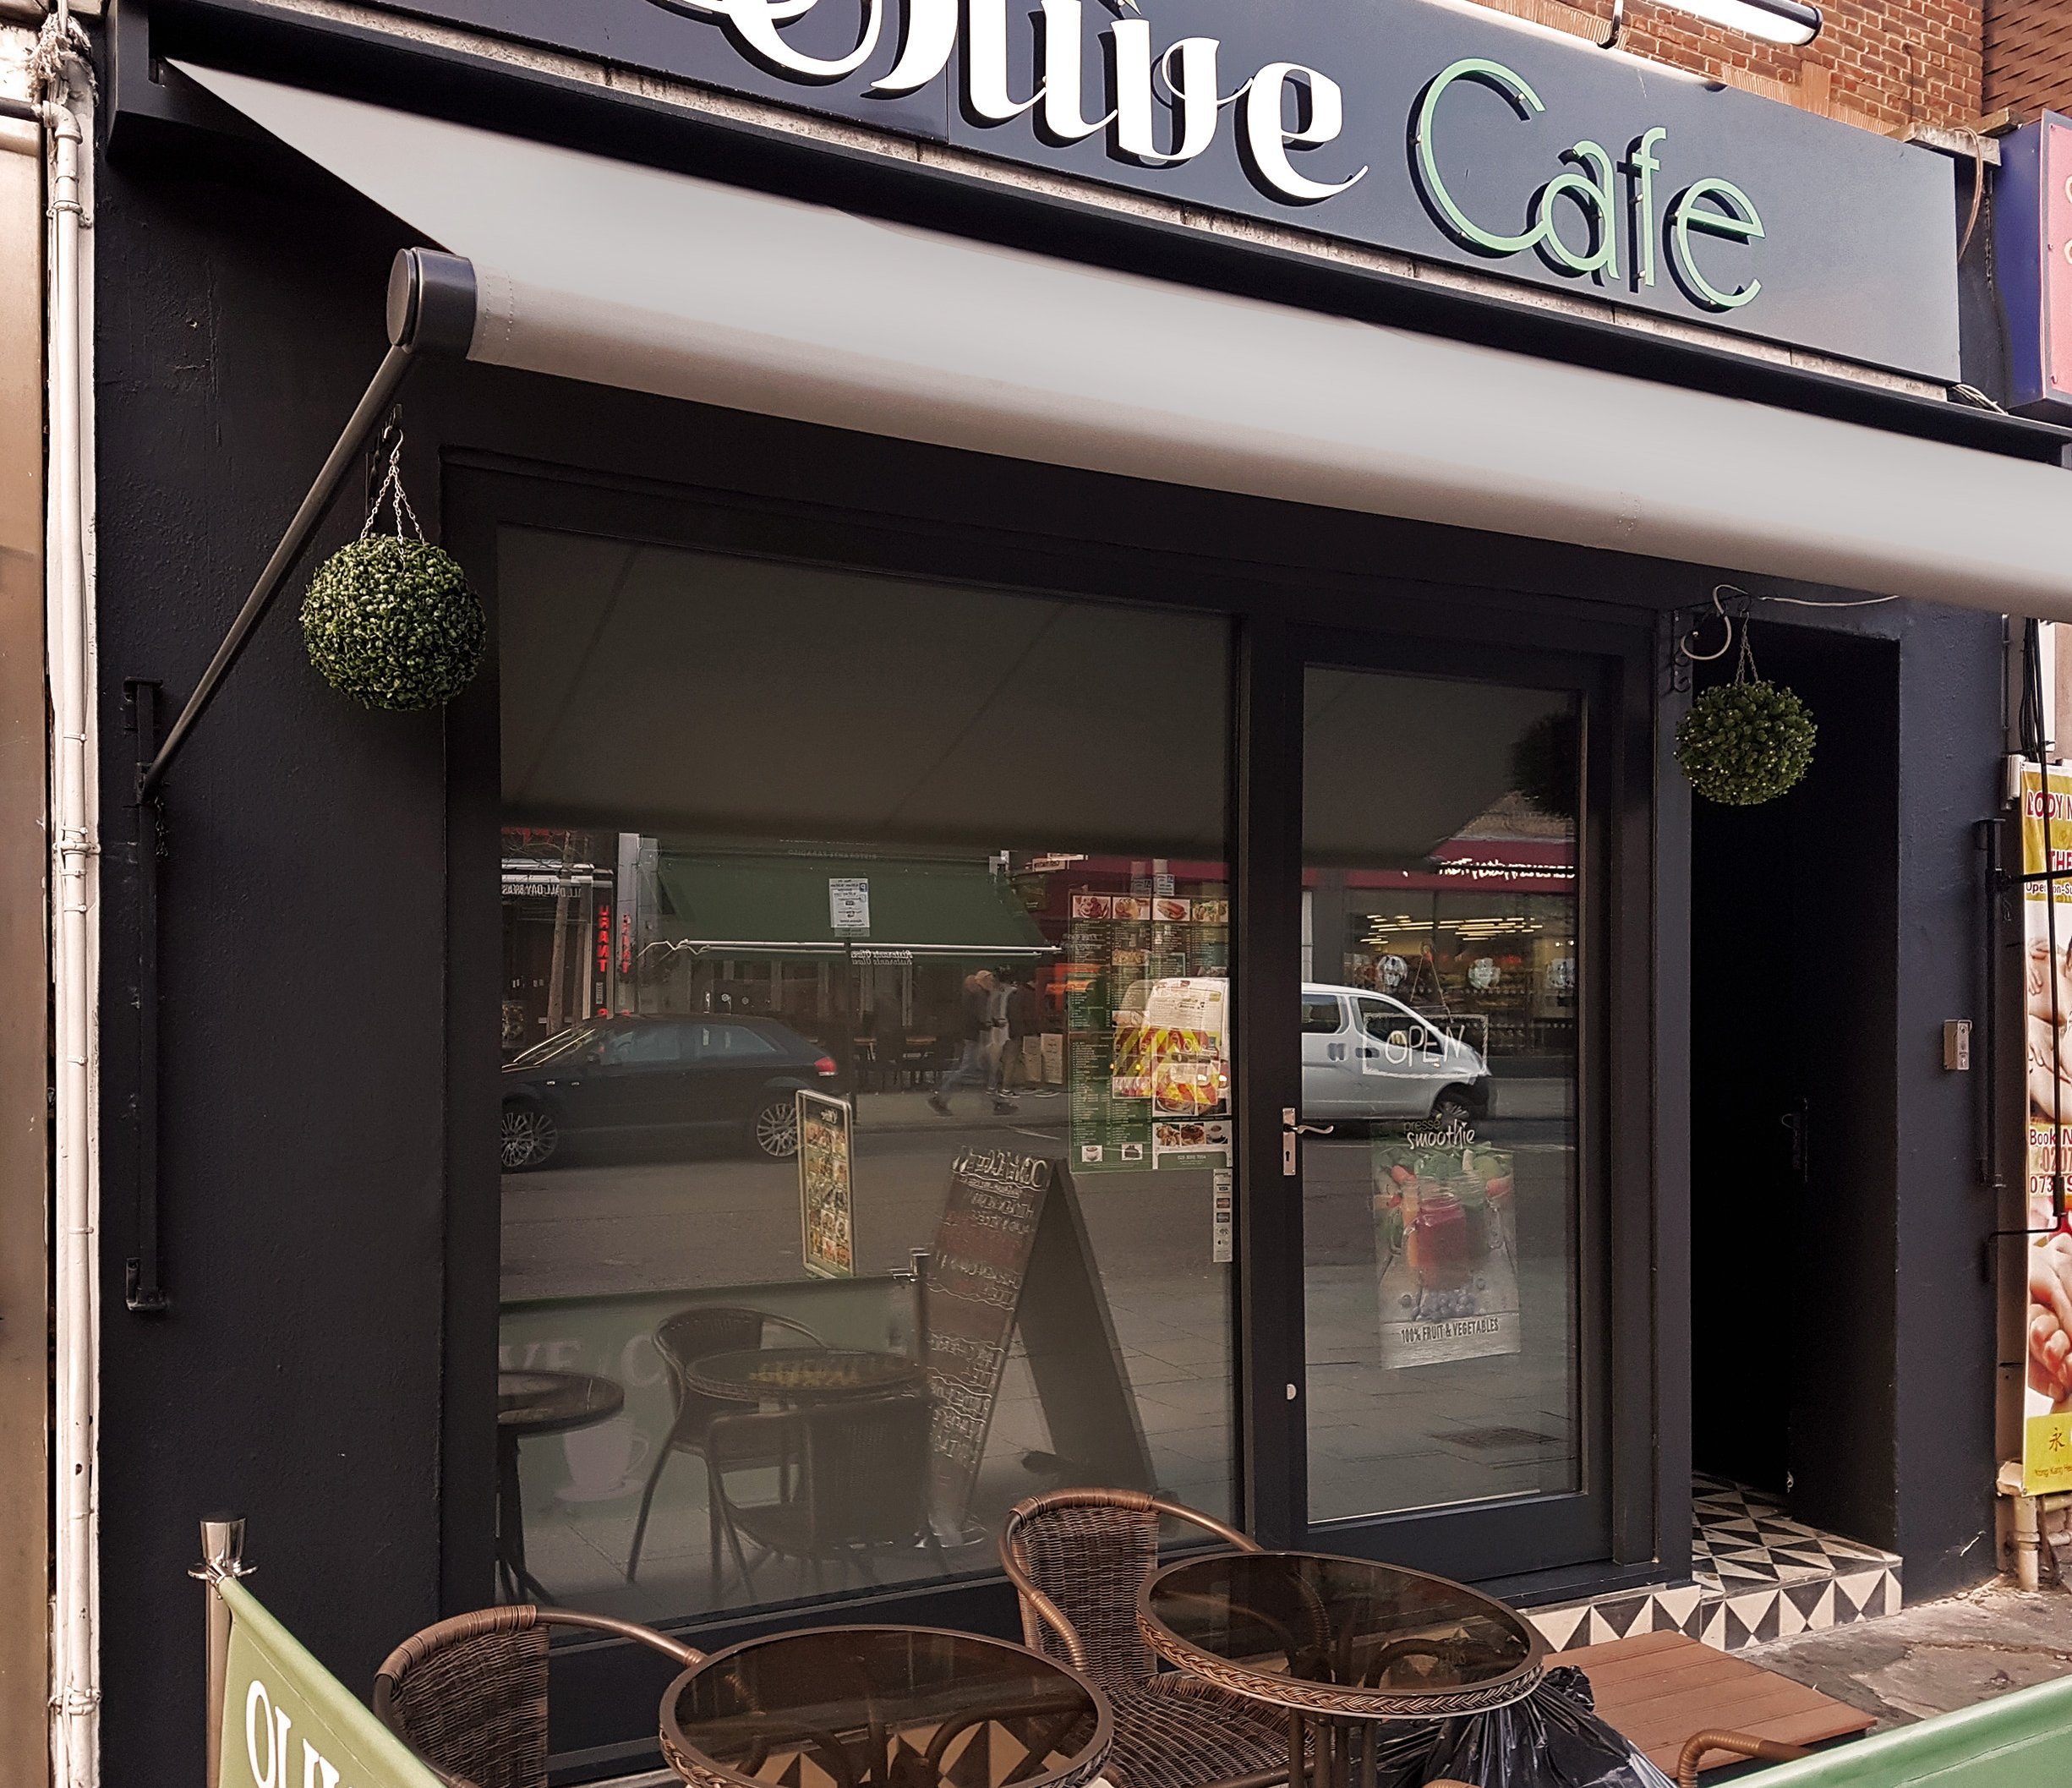 Olive cafe awning 2